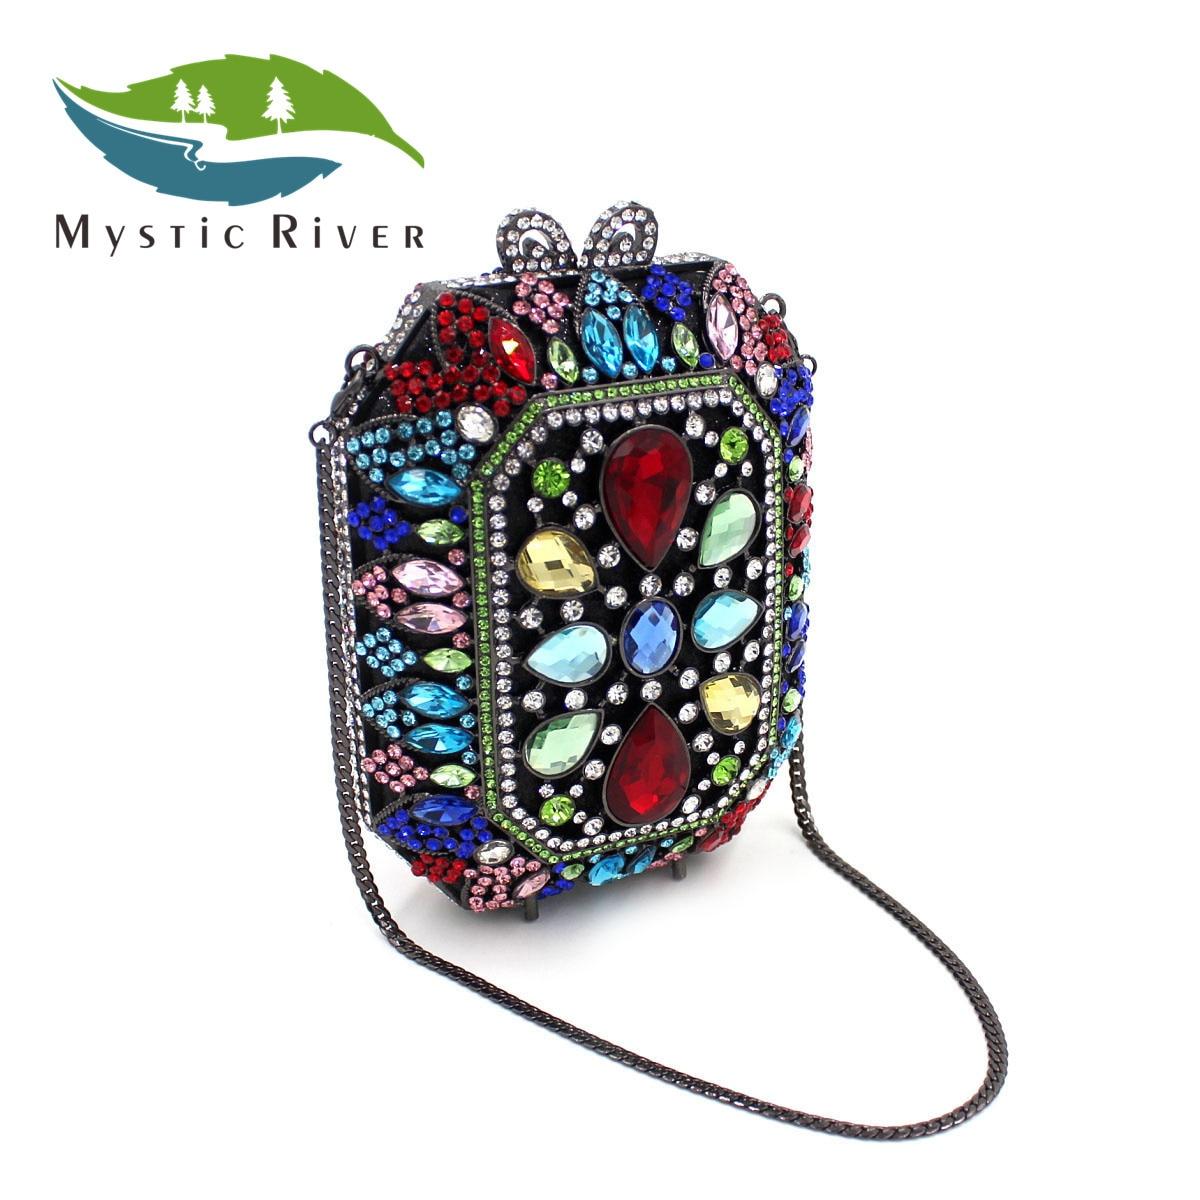 Mystic River Mujeres Beatles Forma Noche Bolsos de Las Señoras de Cristal Embrag